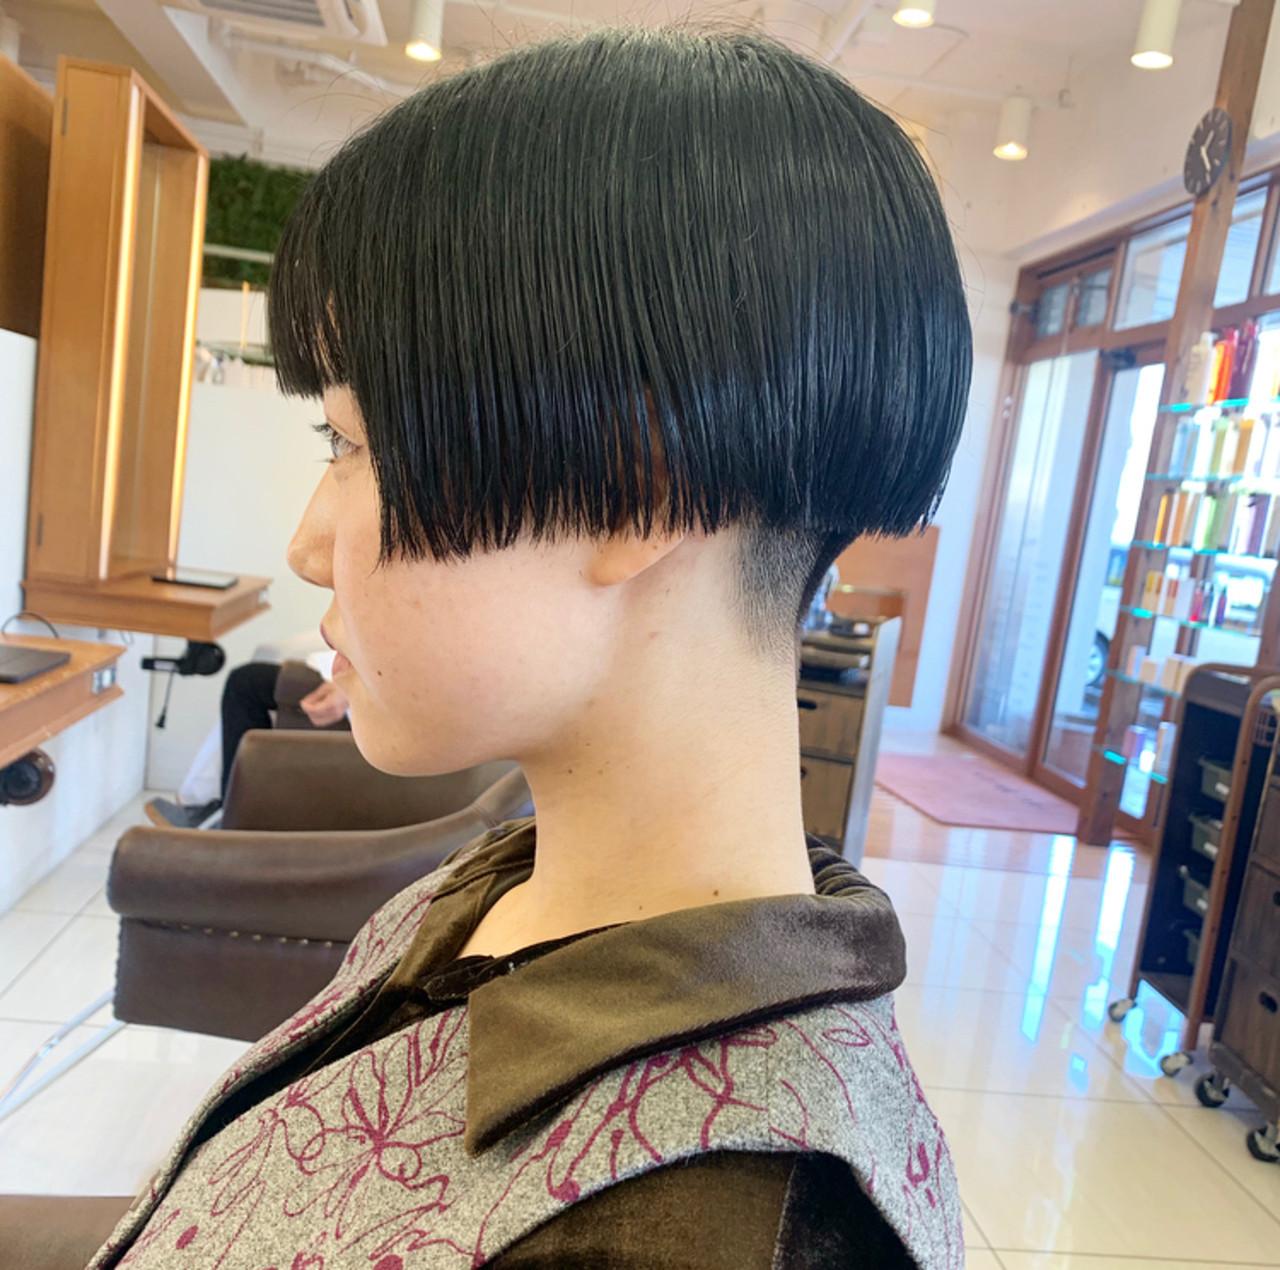 モード マッシュショート ショート ショートヘア ヘアスタイルや髪型の写真・画像